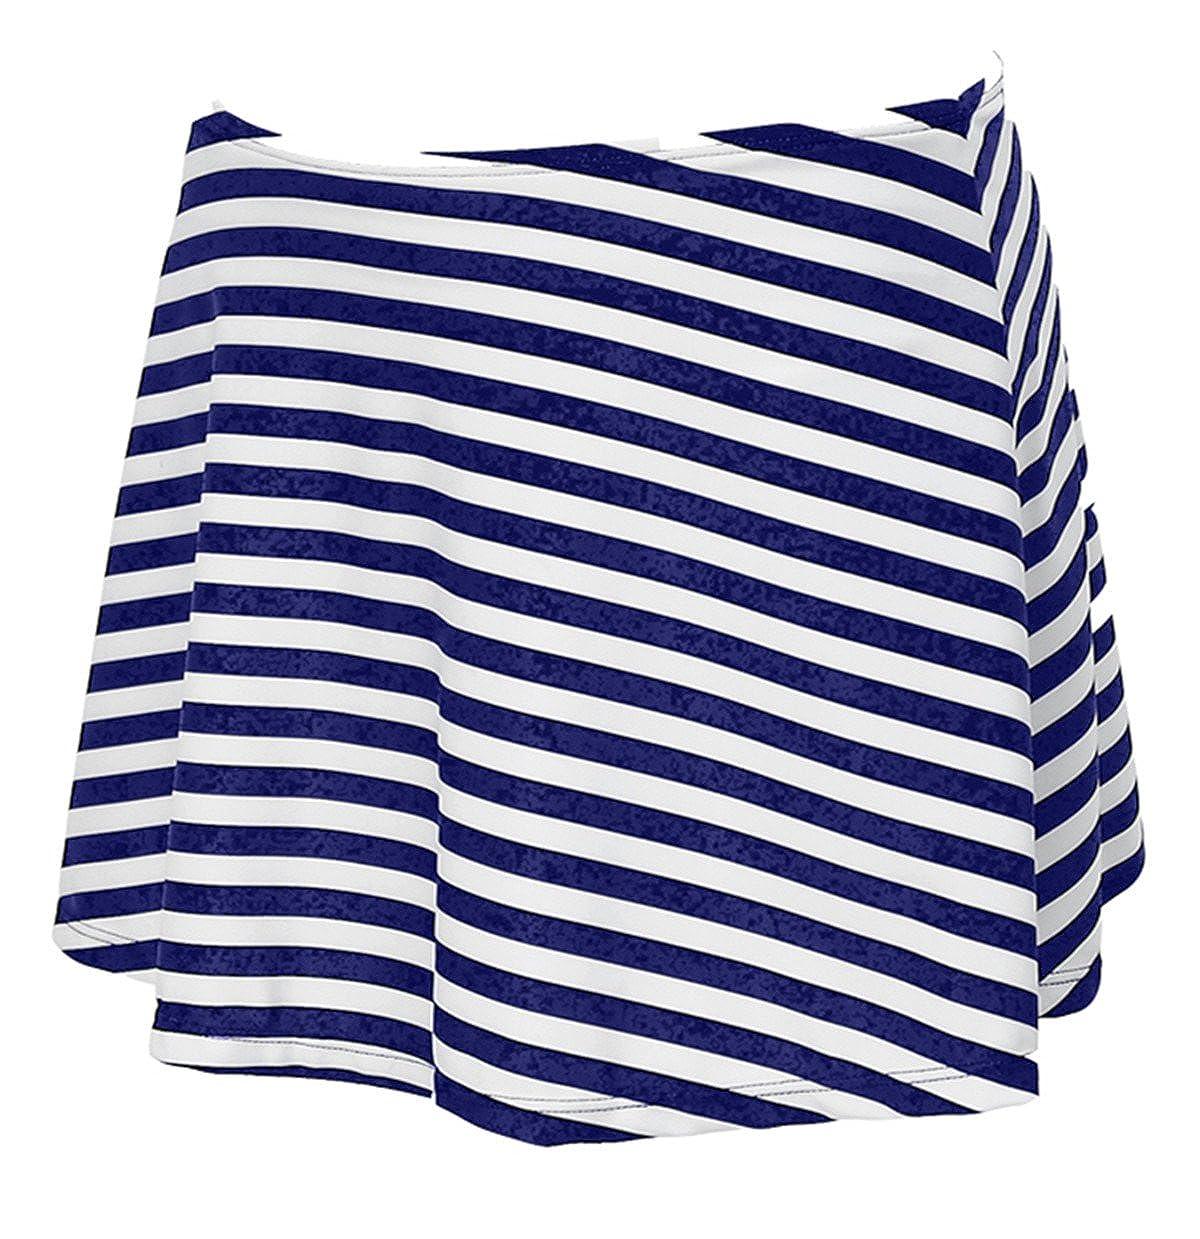 d959abc9a8bbea Azue Bikinirock mit Innenslip Schwimmrock mit Integrieter Baderock  Badeshorts für Damen und Mädchen AUZDBS1860D0000